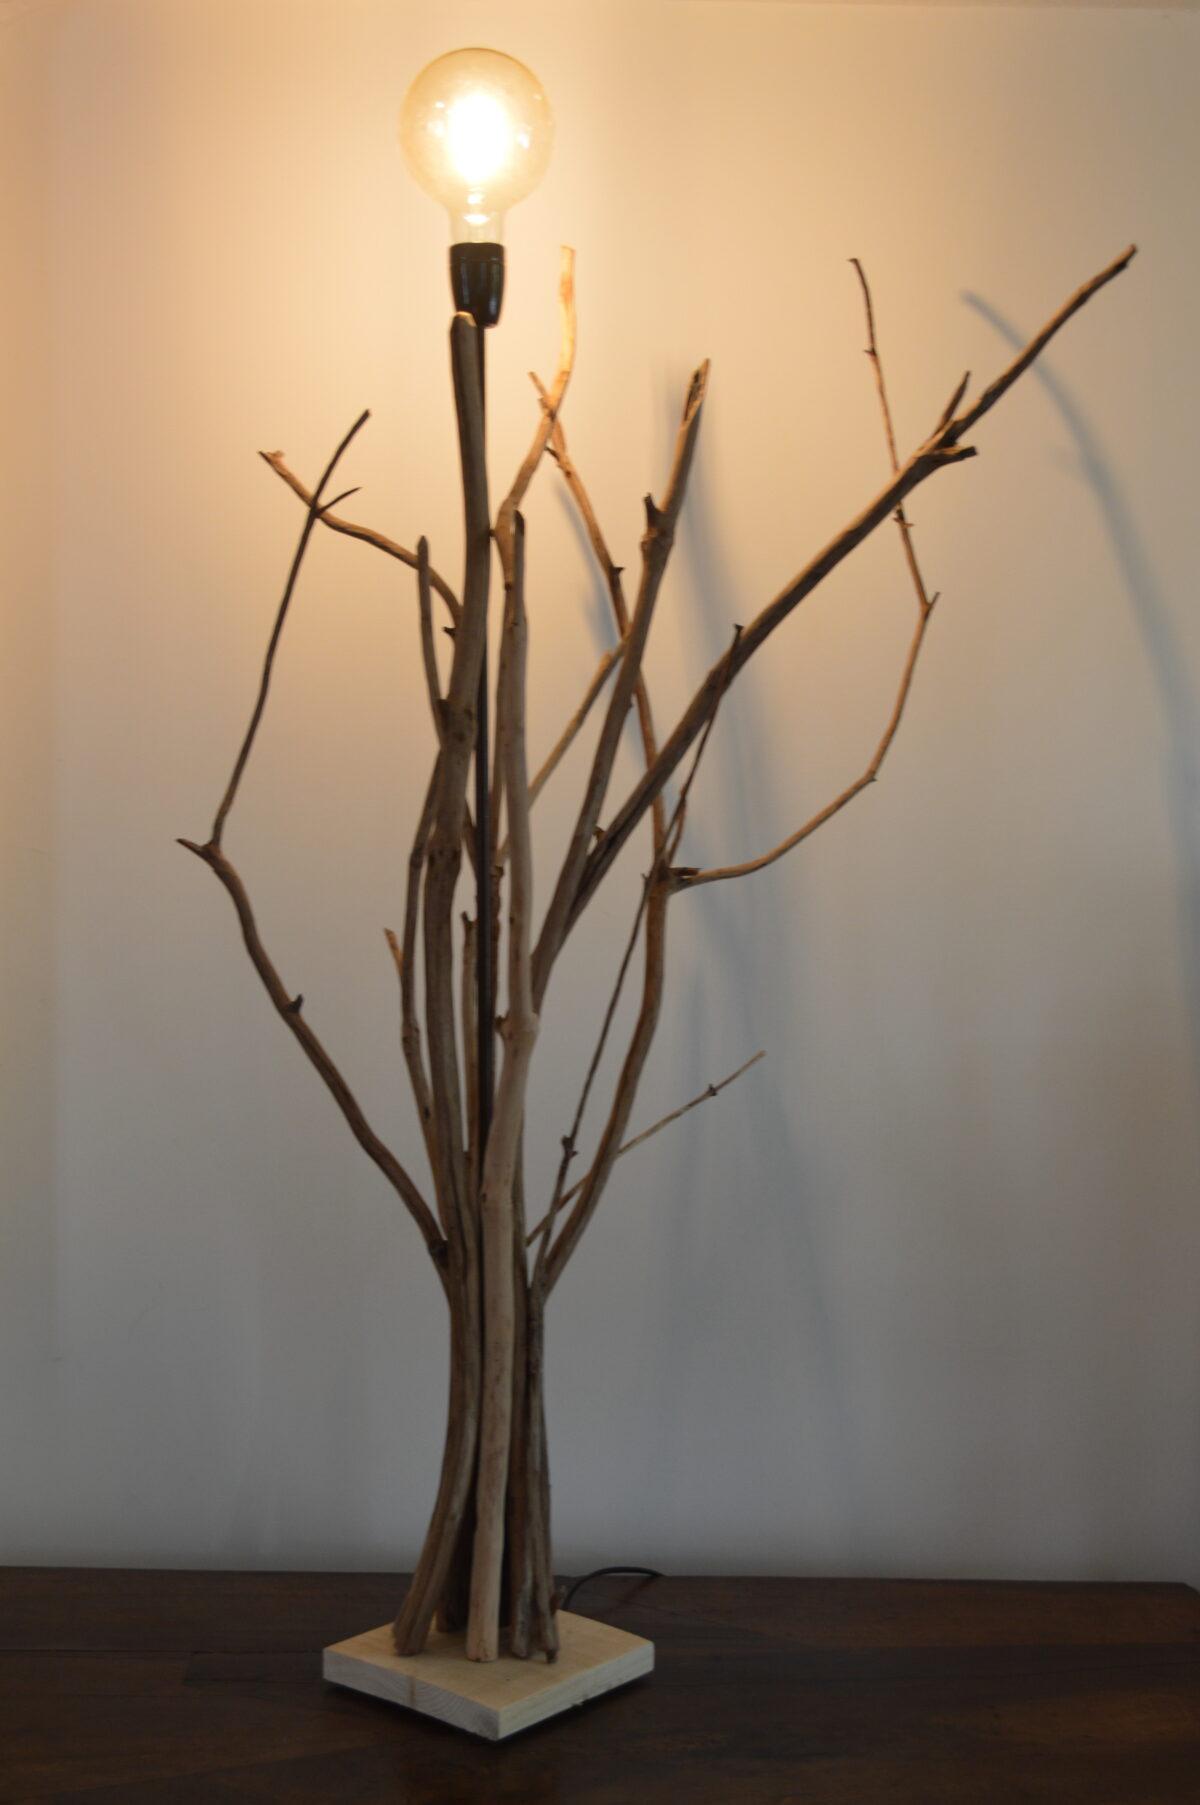 PHILOMÈNE - Luminaire en bois avec douille noire